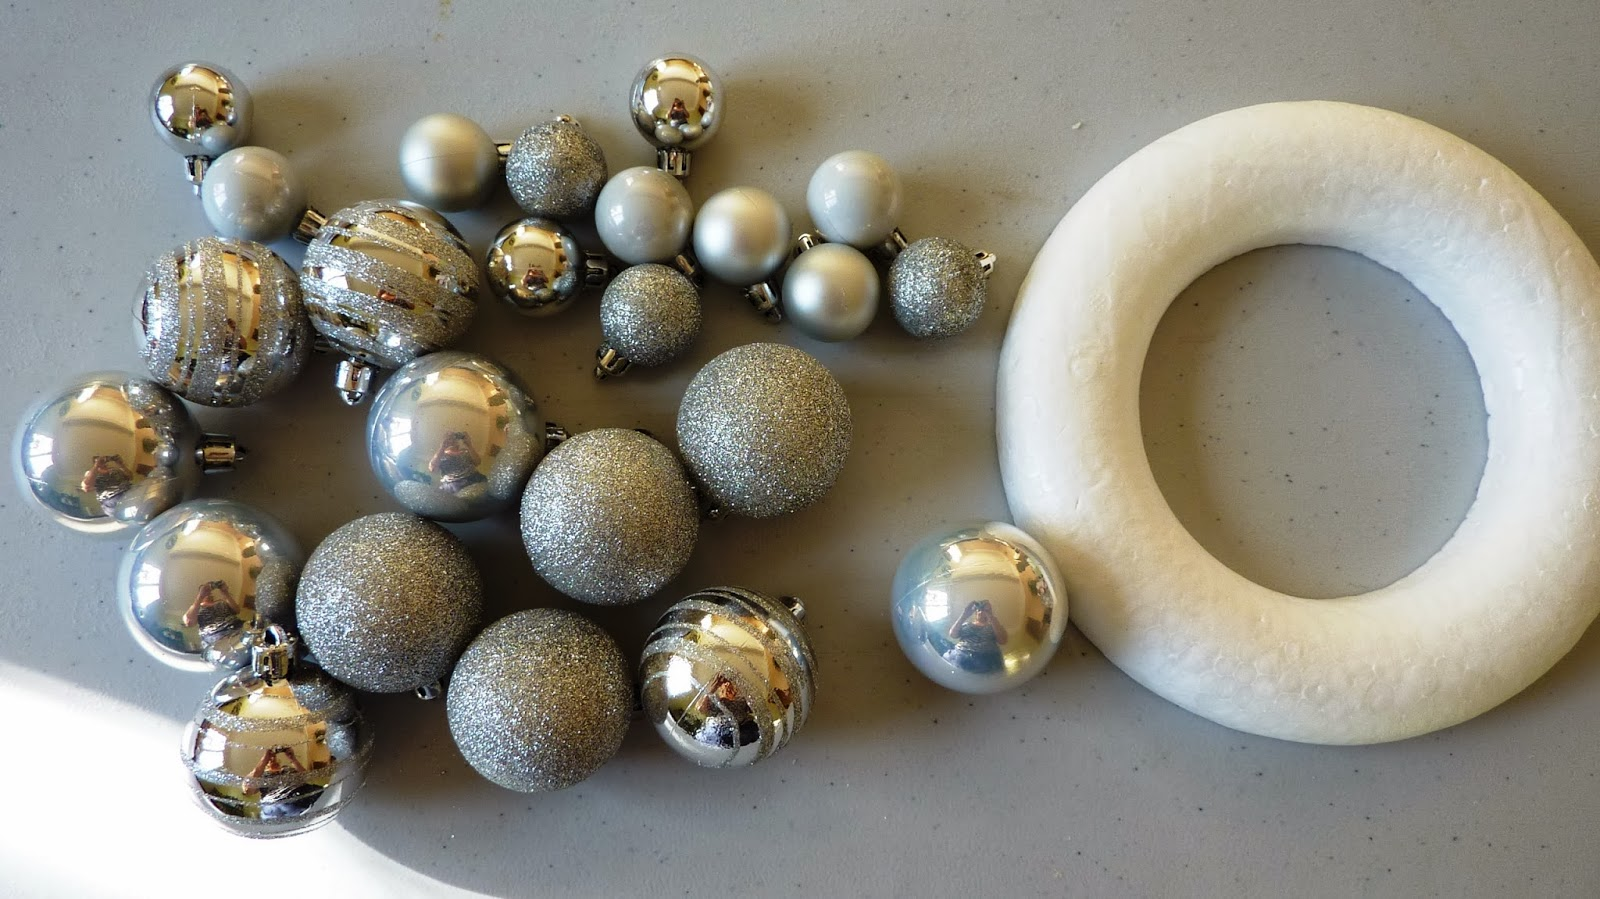 #5D4D32 Initiales GG : DIY De Noël Vite Une Couronne! 5511 décorations de noel simple à fabriquer 1600x899 px @ aertt.com